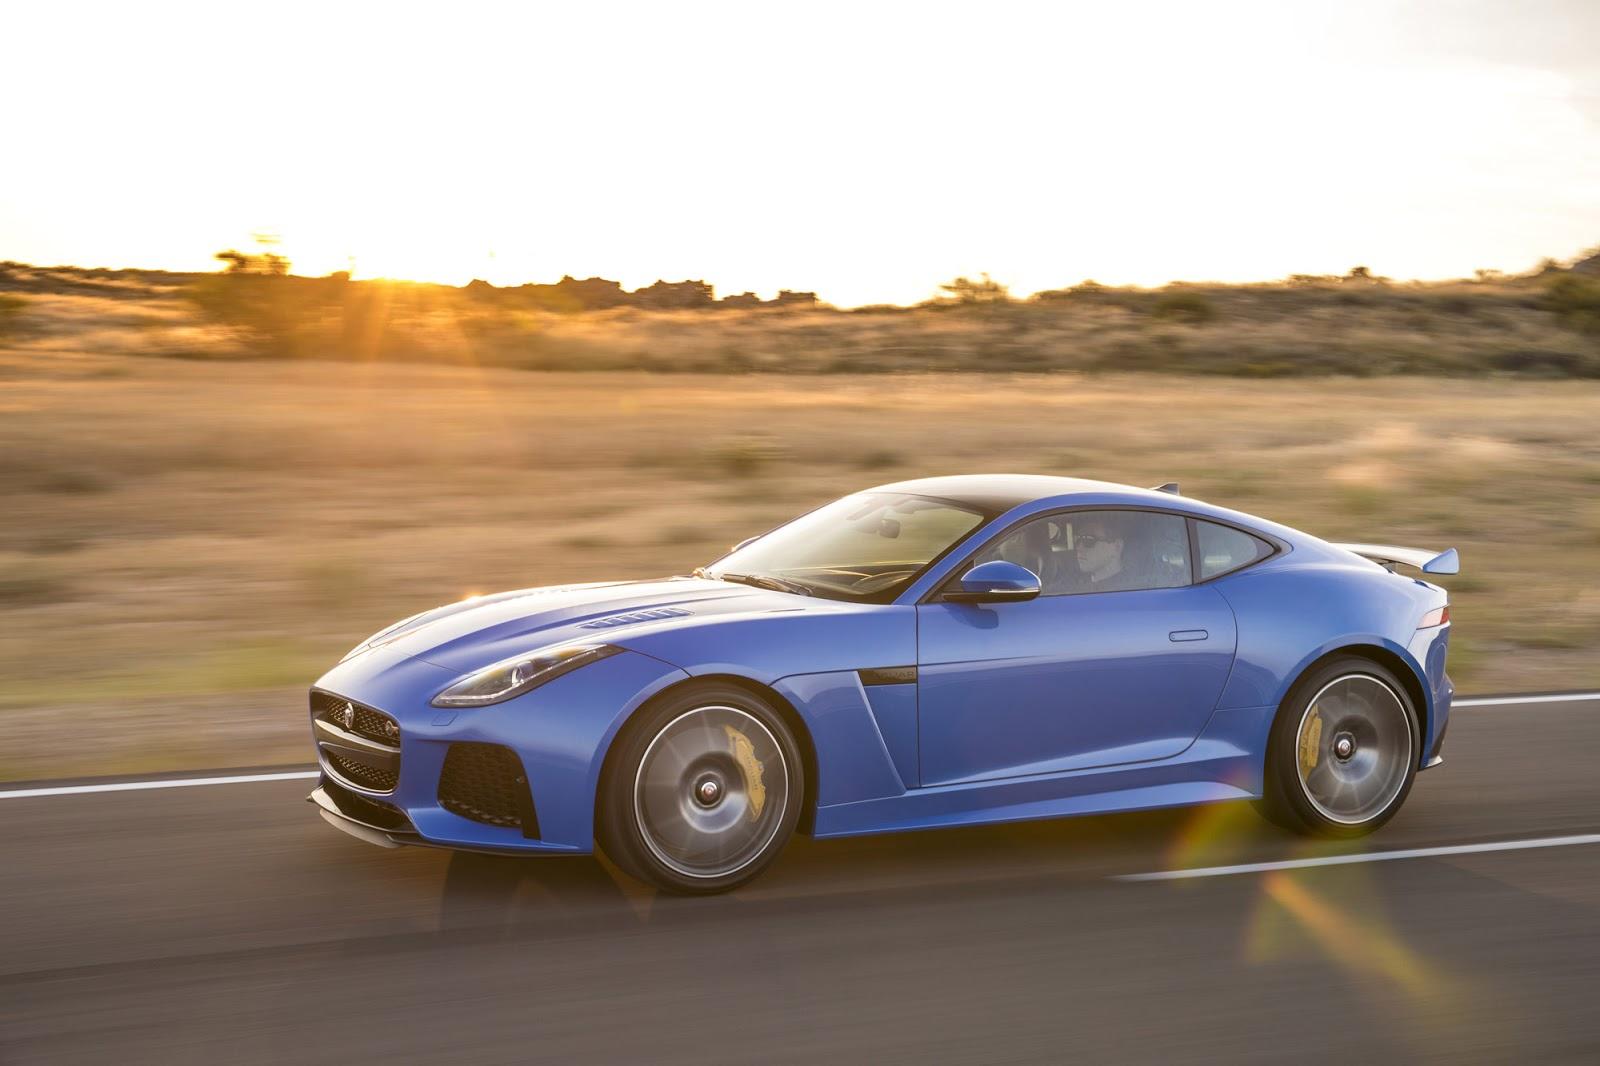 Jaguar F-Type SVR là siêu xe thể thao đỉnh nhất của Jaguar thời điểm hiện tại